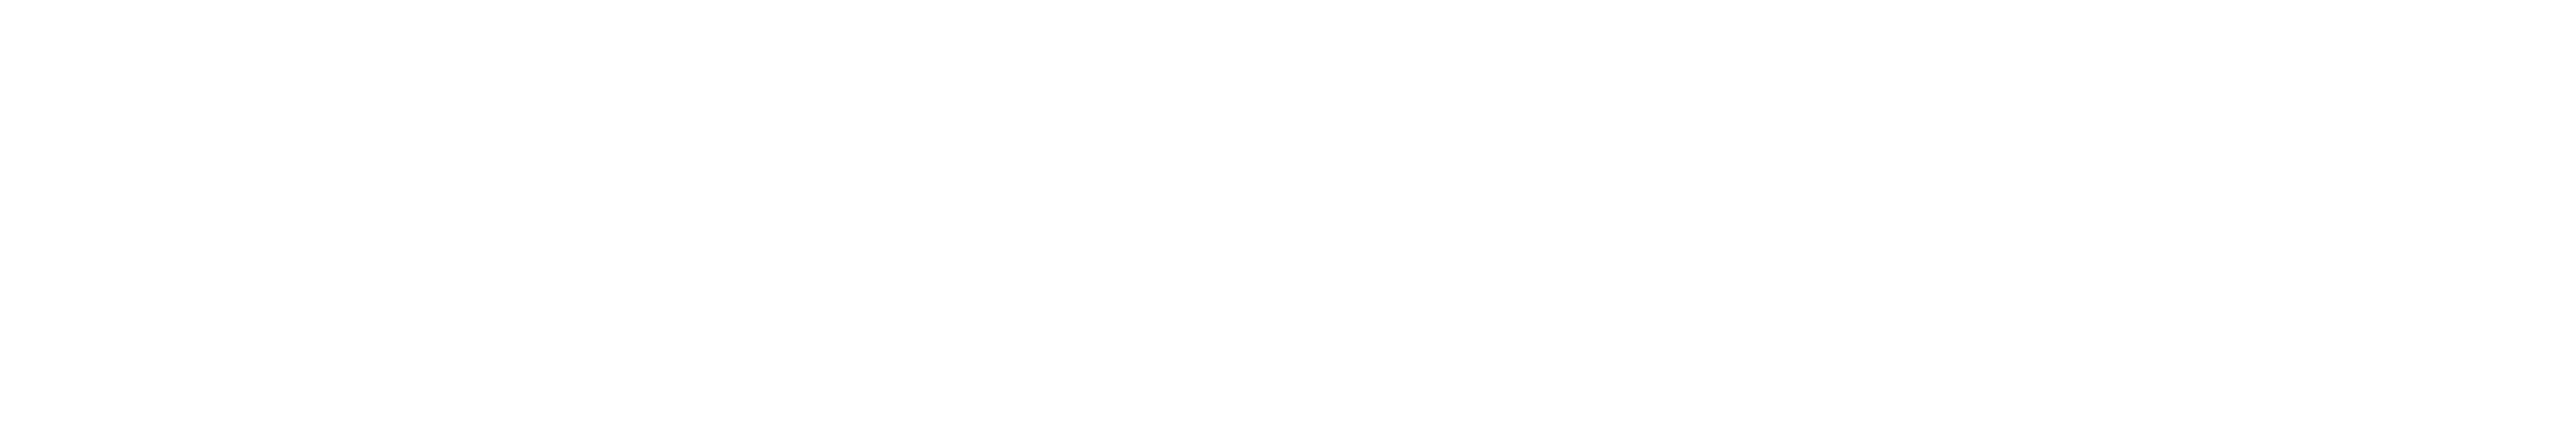 ASICS London 10k | Virgin Sport